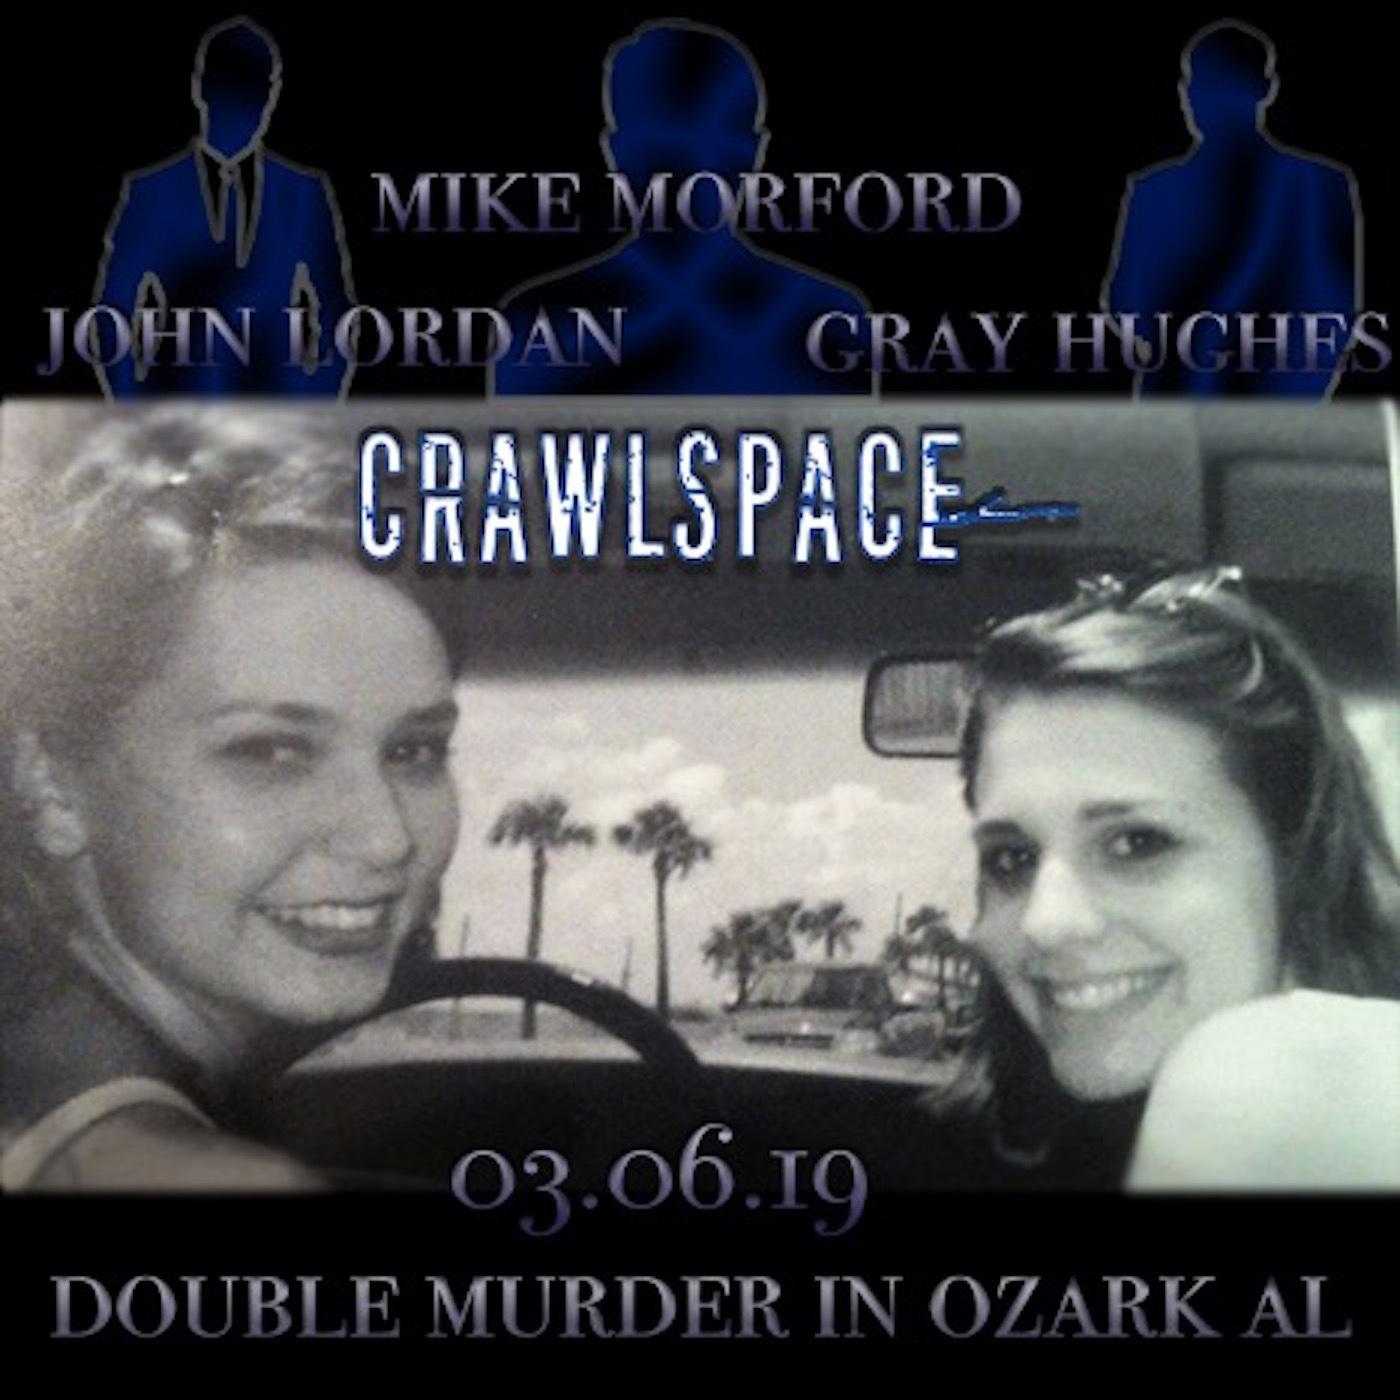 Double Murder in Ozark